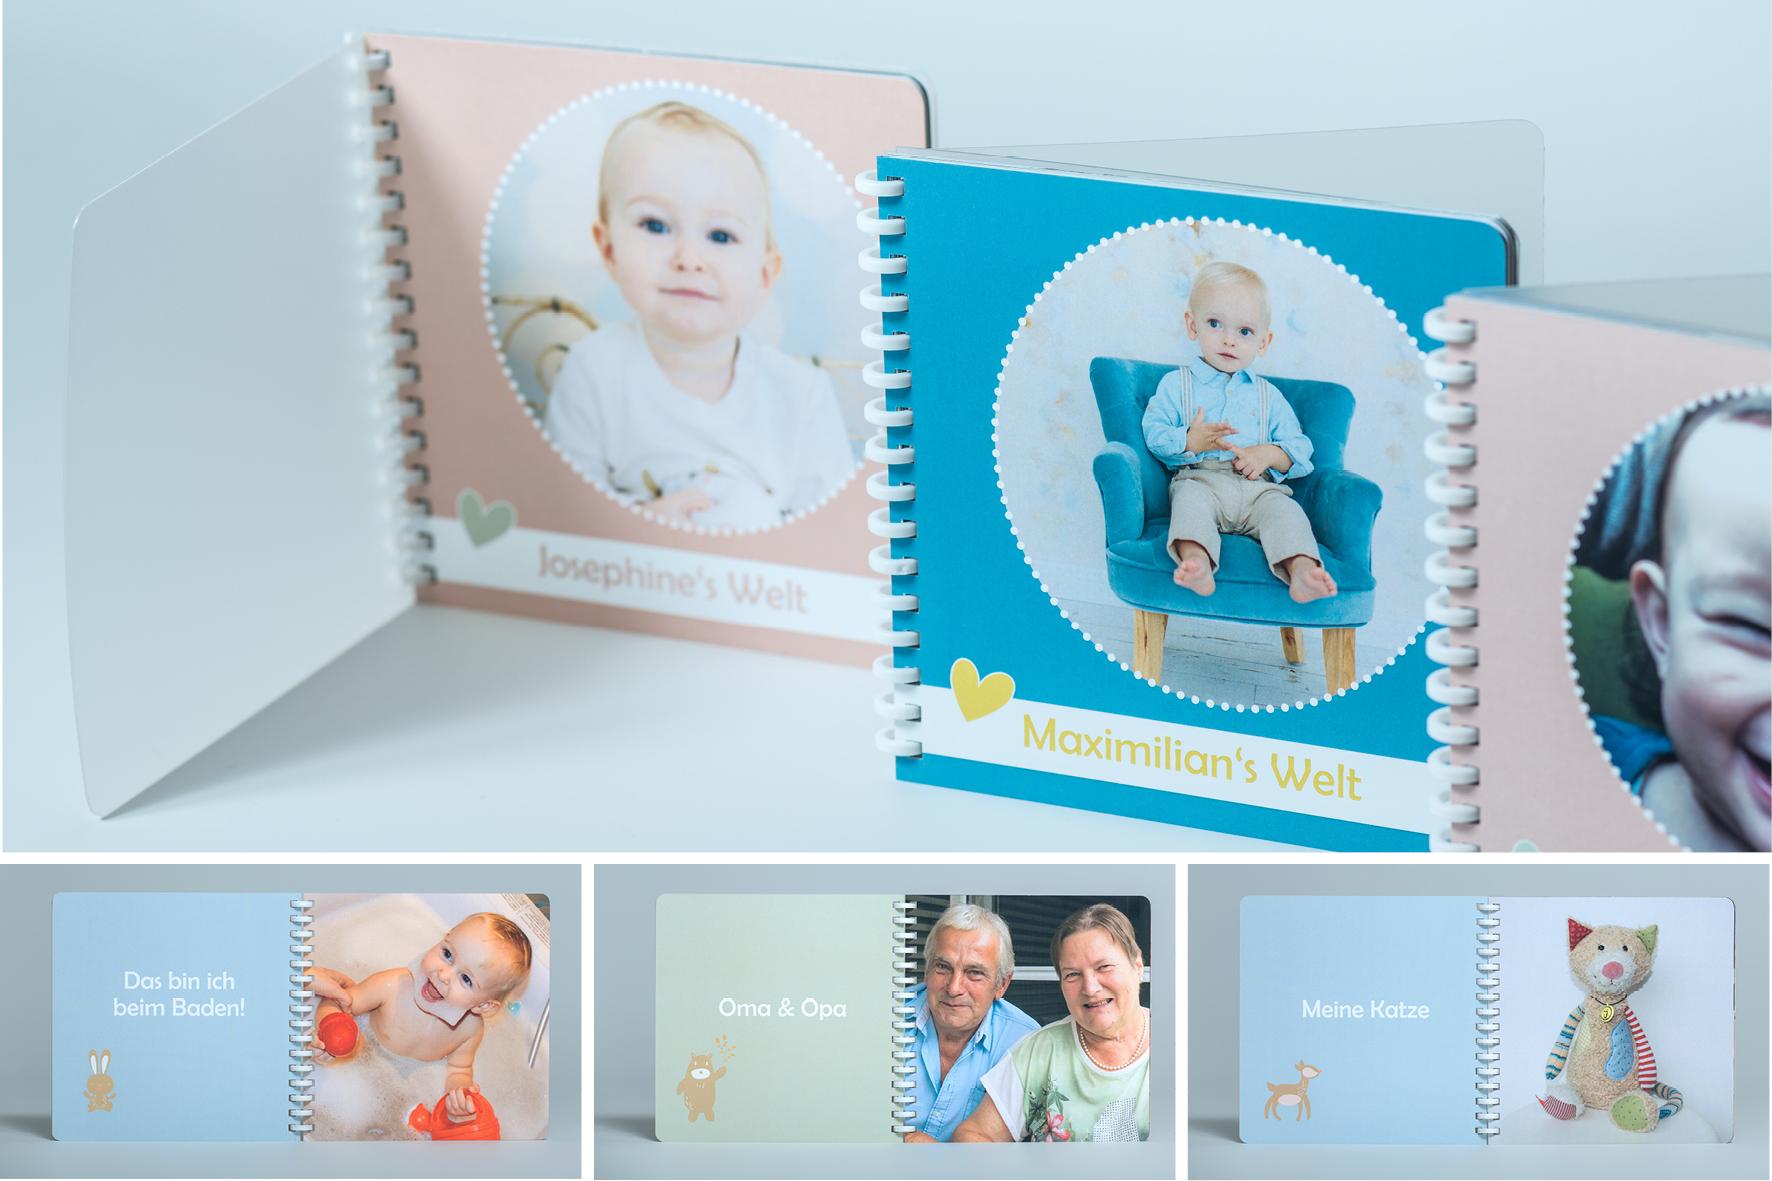 """""""Mein Leben in Bildern"""" - Fotobuch für Kinder: www.meinlebeninbildern.at"""